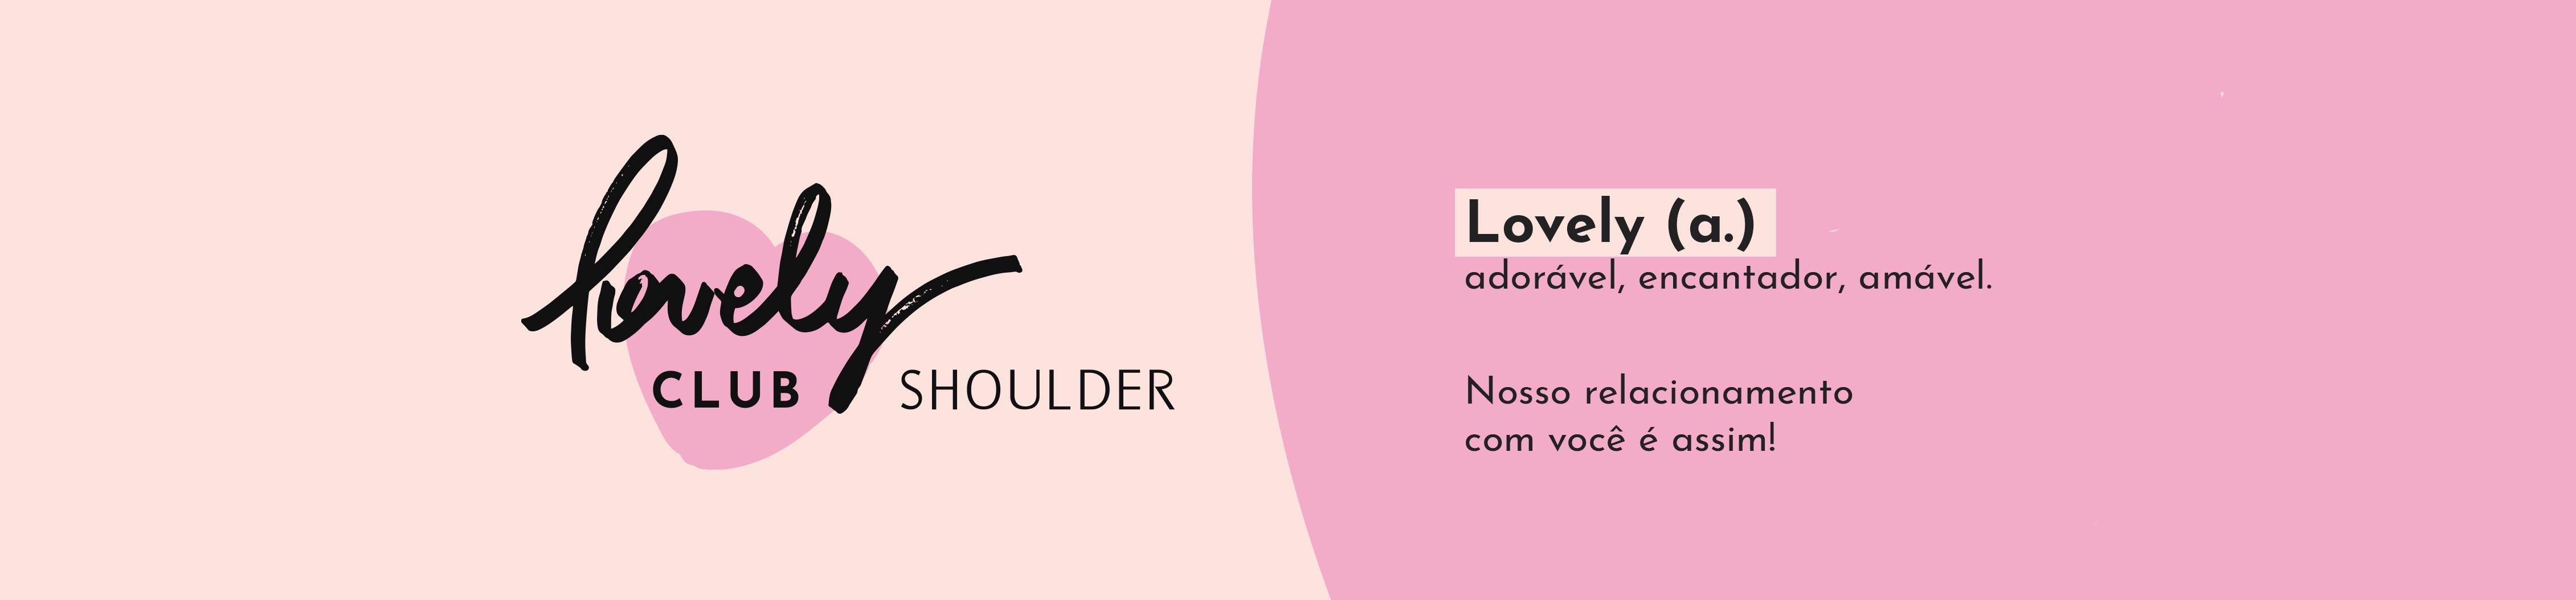 Lovely Club - SHOULDER